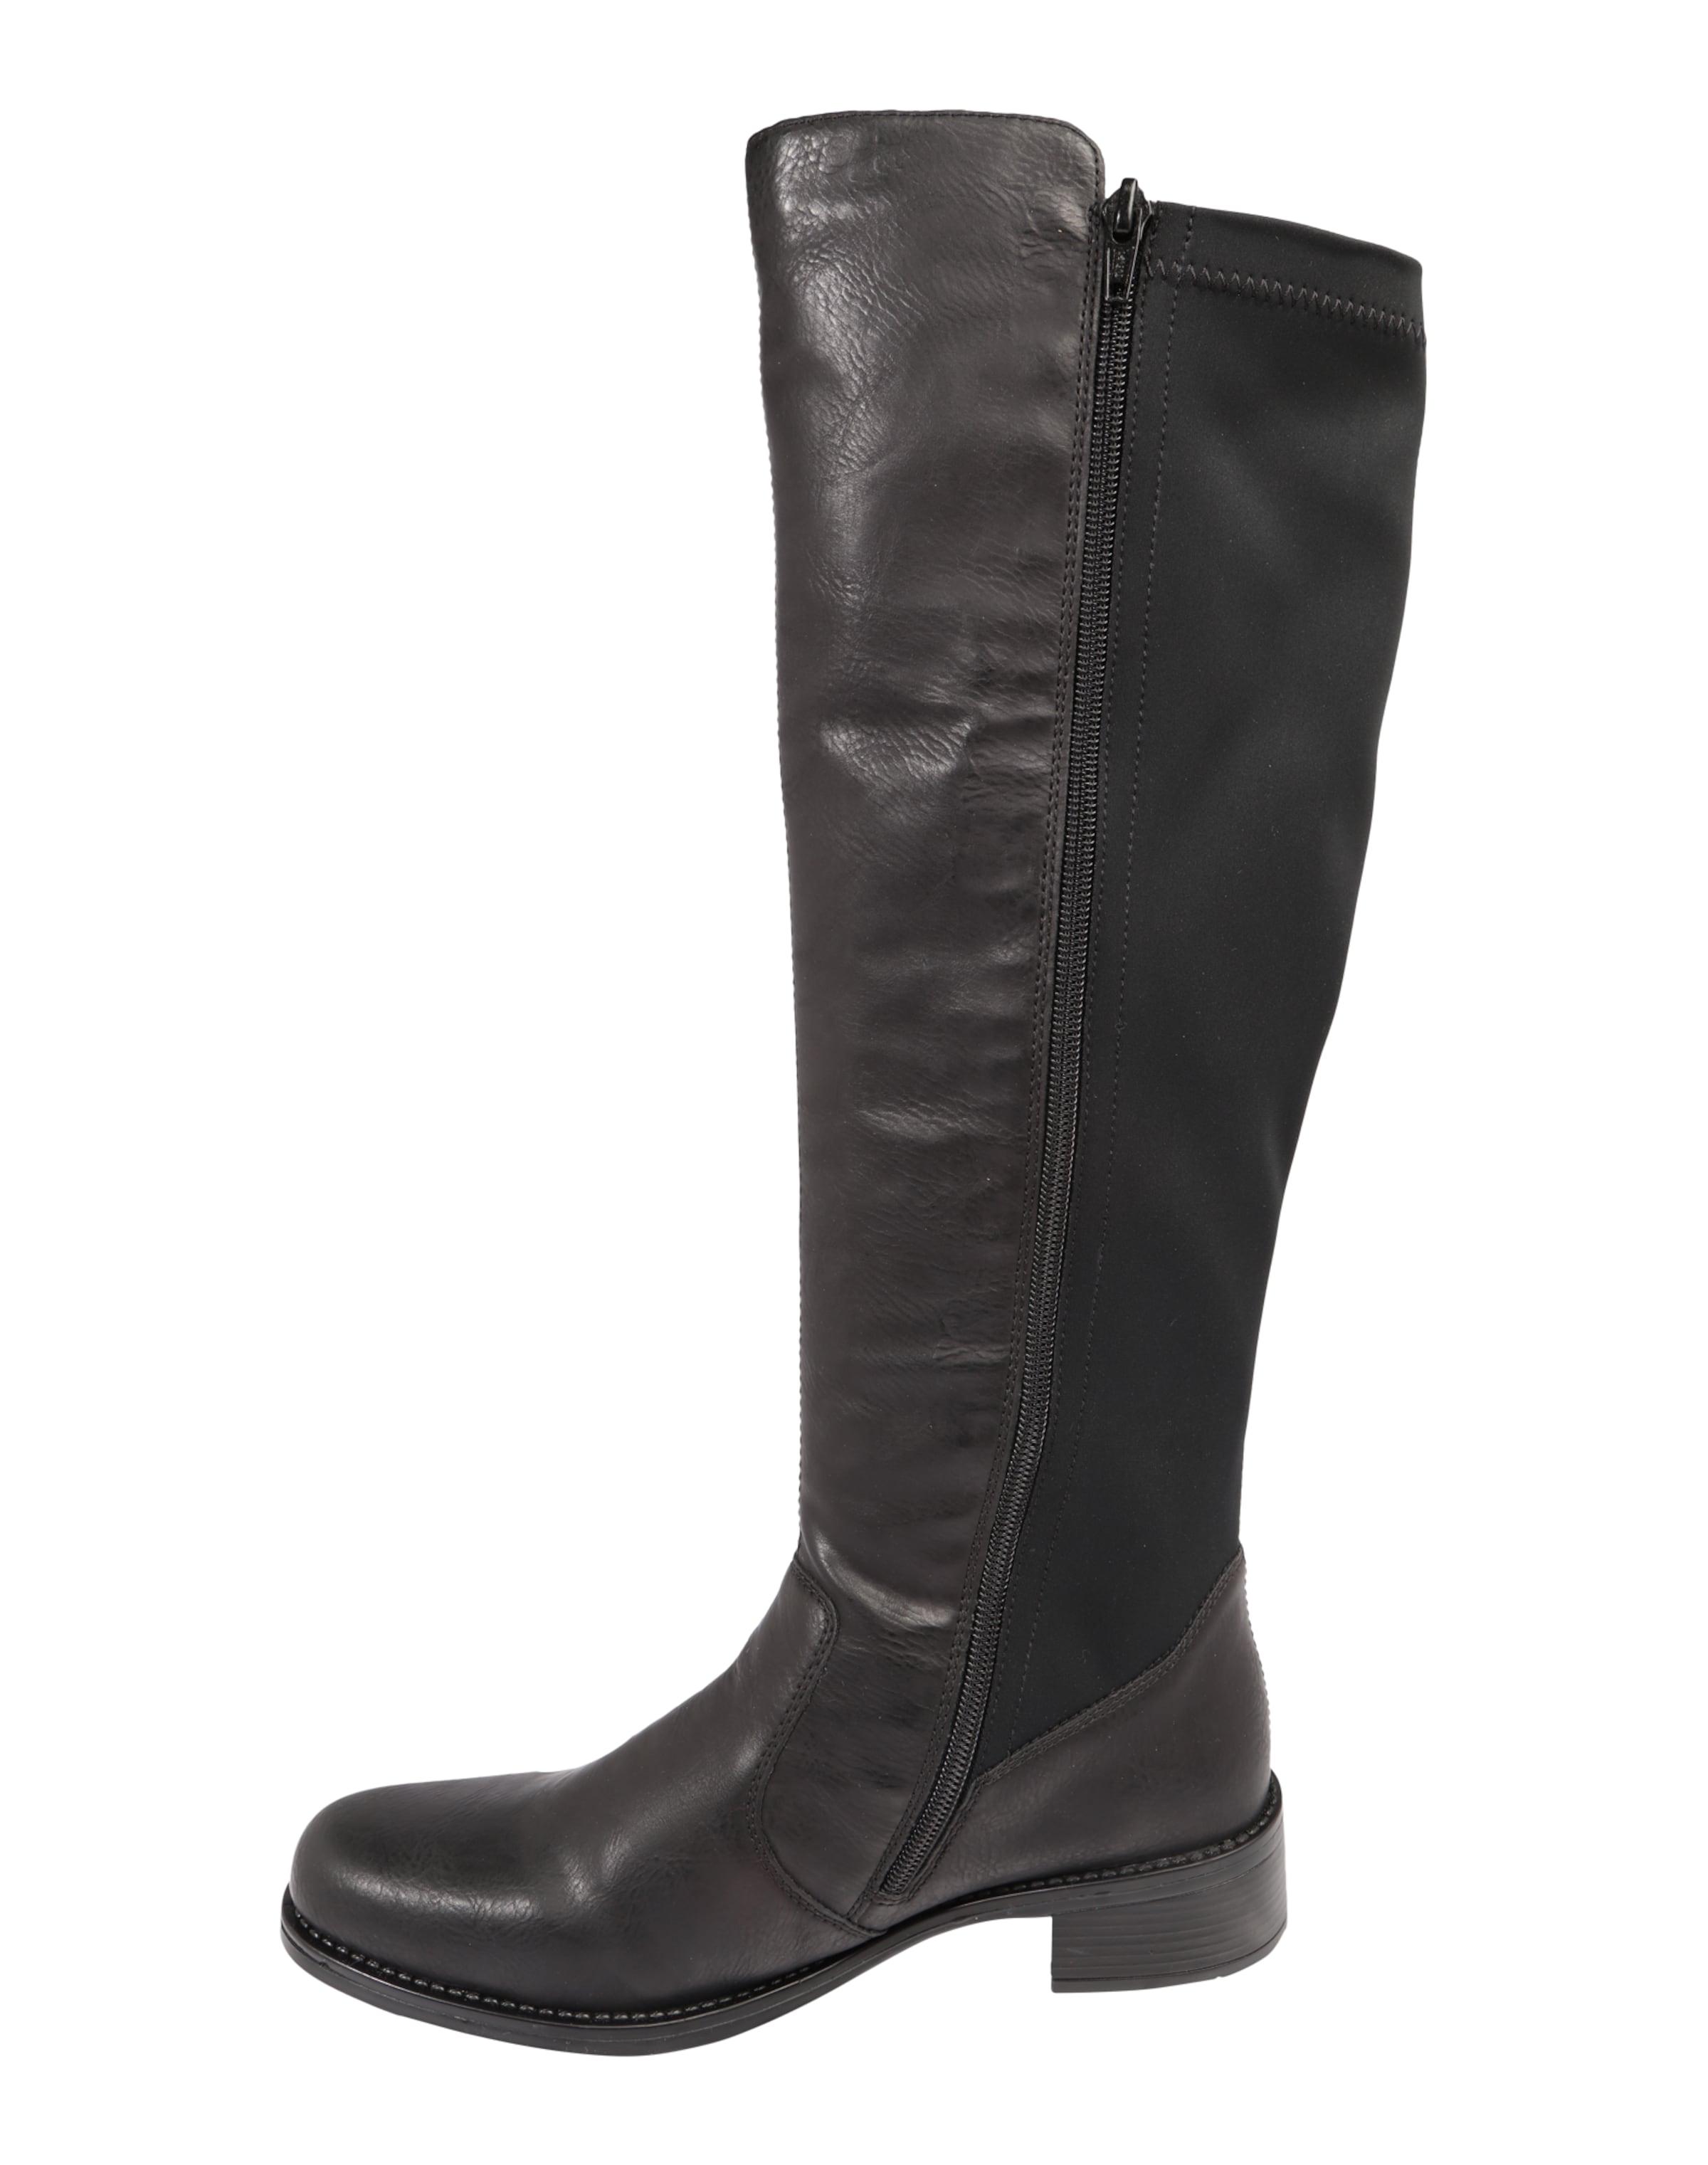 RIEKER Stiefel mit Vario-Schaft Manchester Großer Verkauf Billig Einkaufen 5OuvwG3